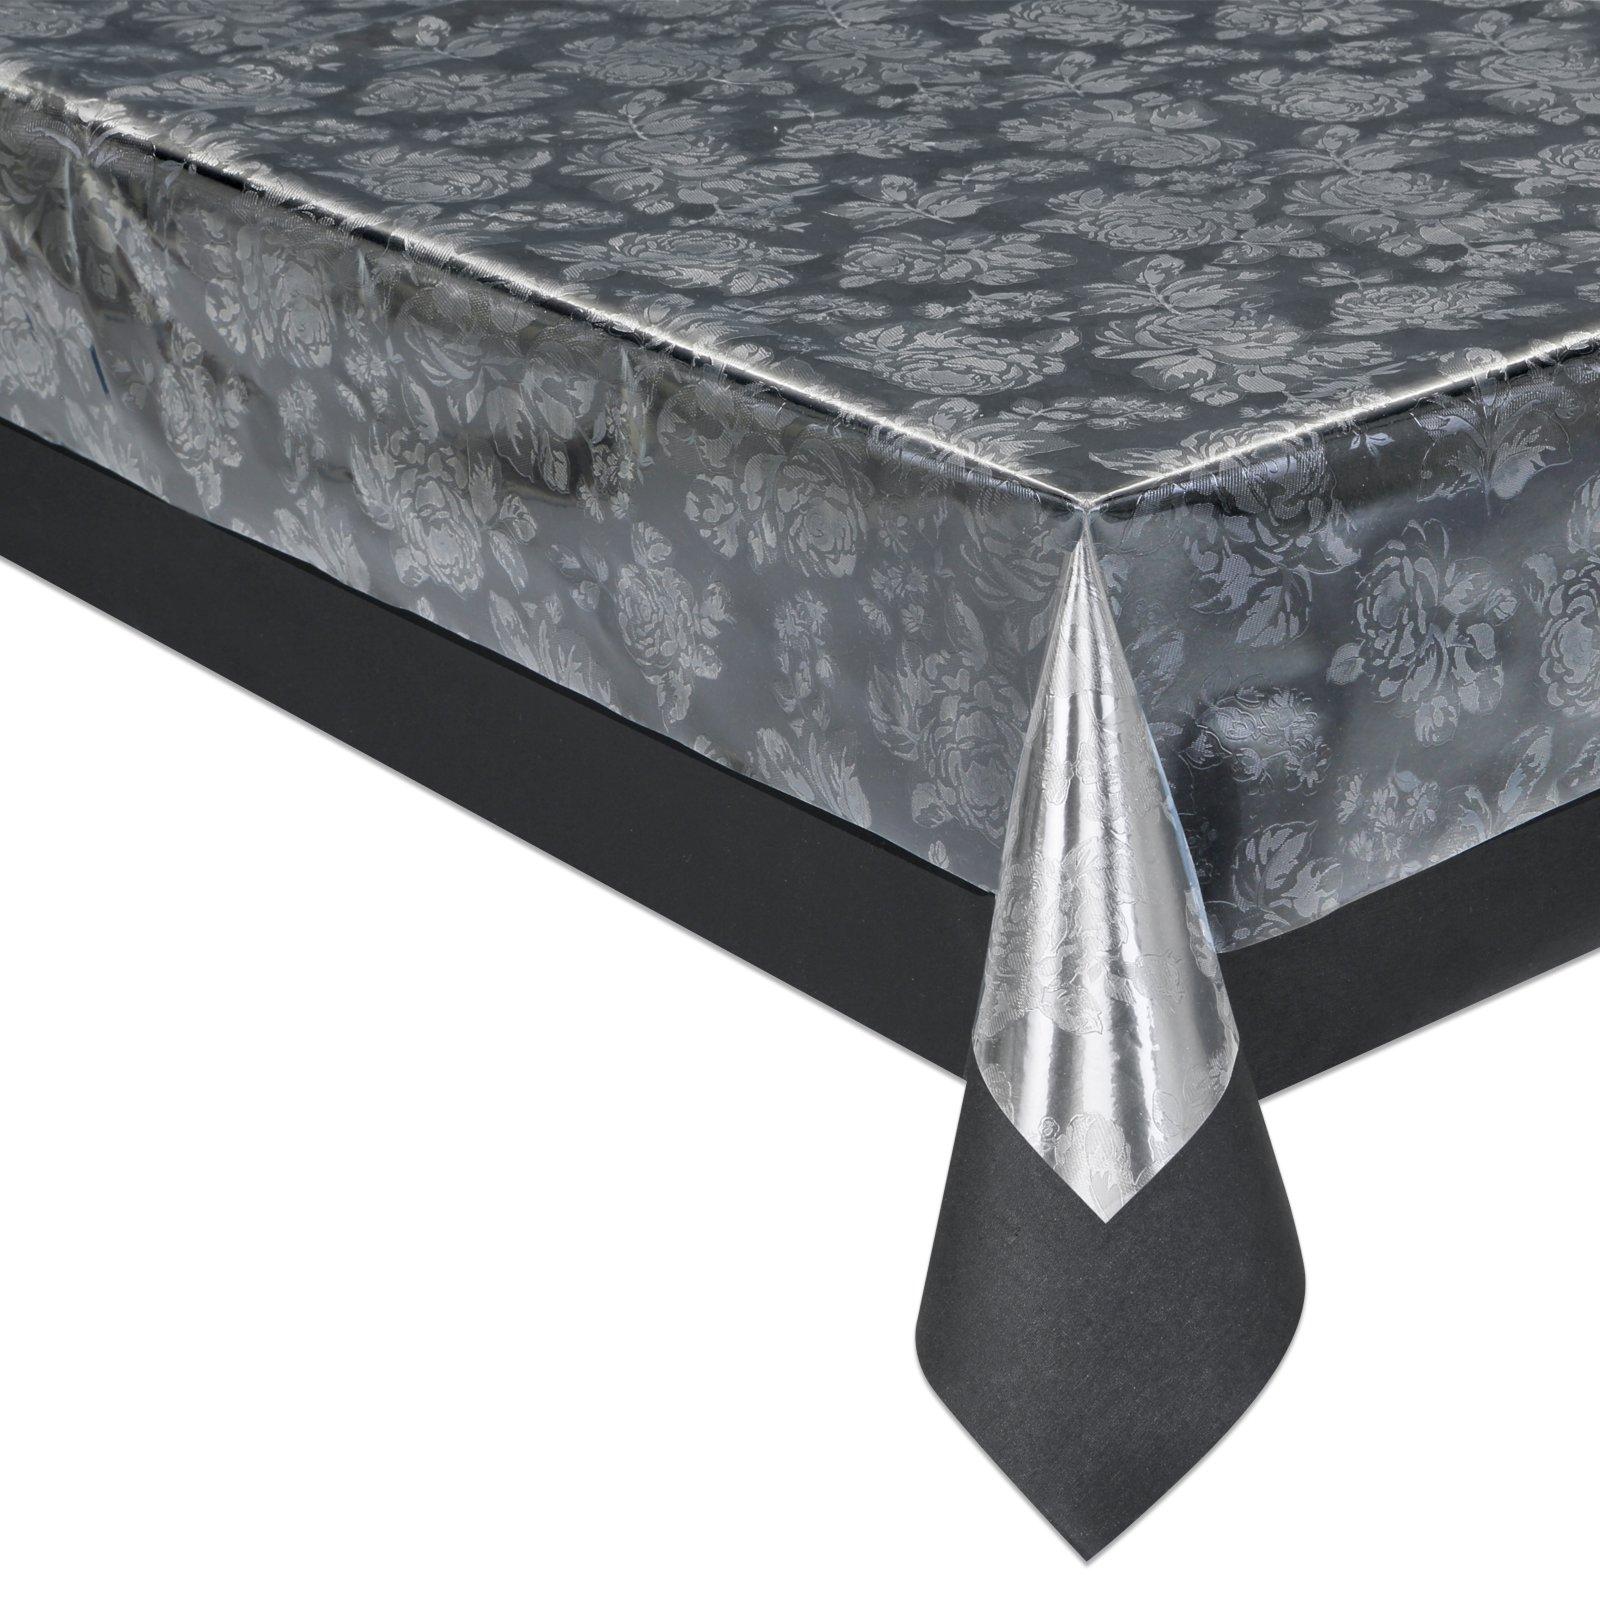 tischfolie silber transparent gepr gt pvc meterware tischdecken tischl ufer k che. Black Bedroom Furniture Sets. Home Design Ideas